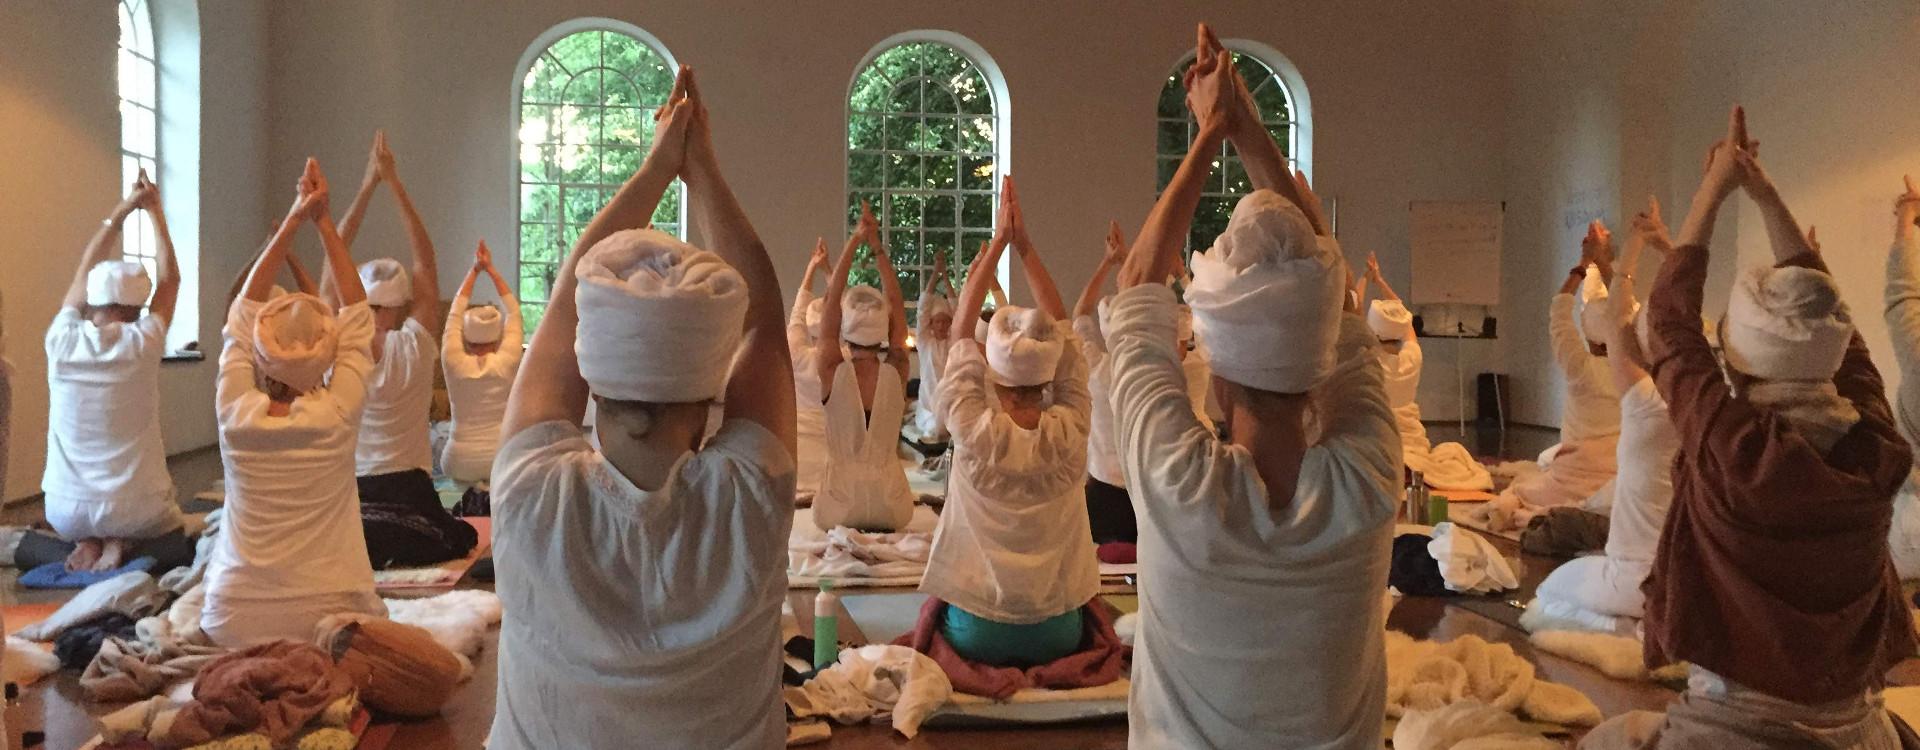 Yogi Bhajan - Level 1 Kundalini Yoga Teacher Training